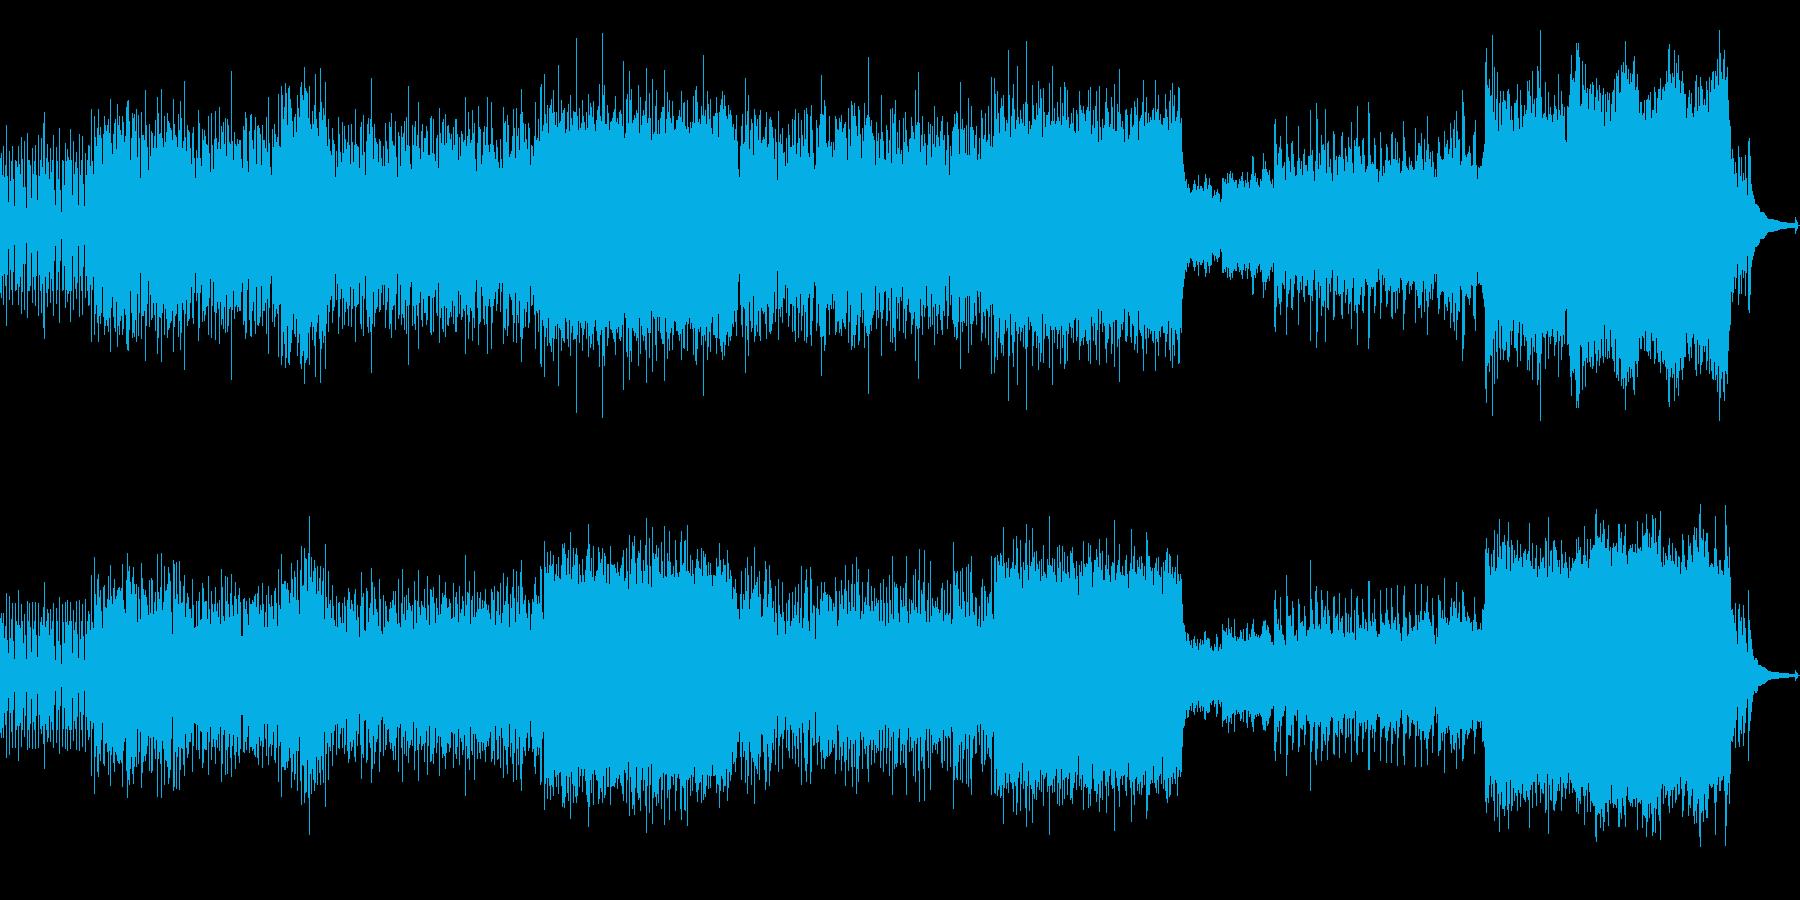 メロディアスなポップロックの再生済みの波形